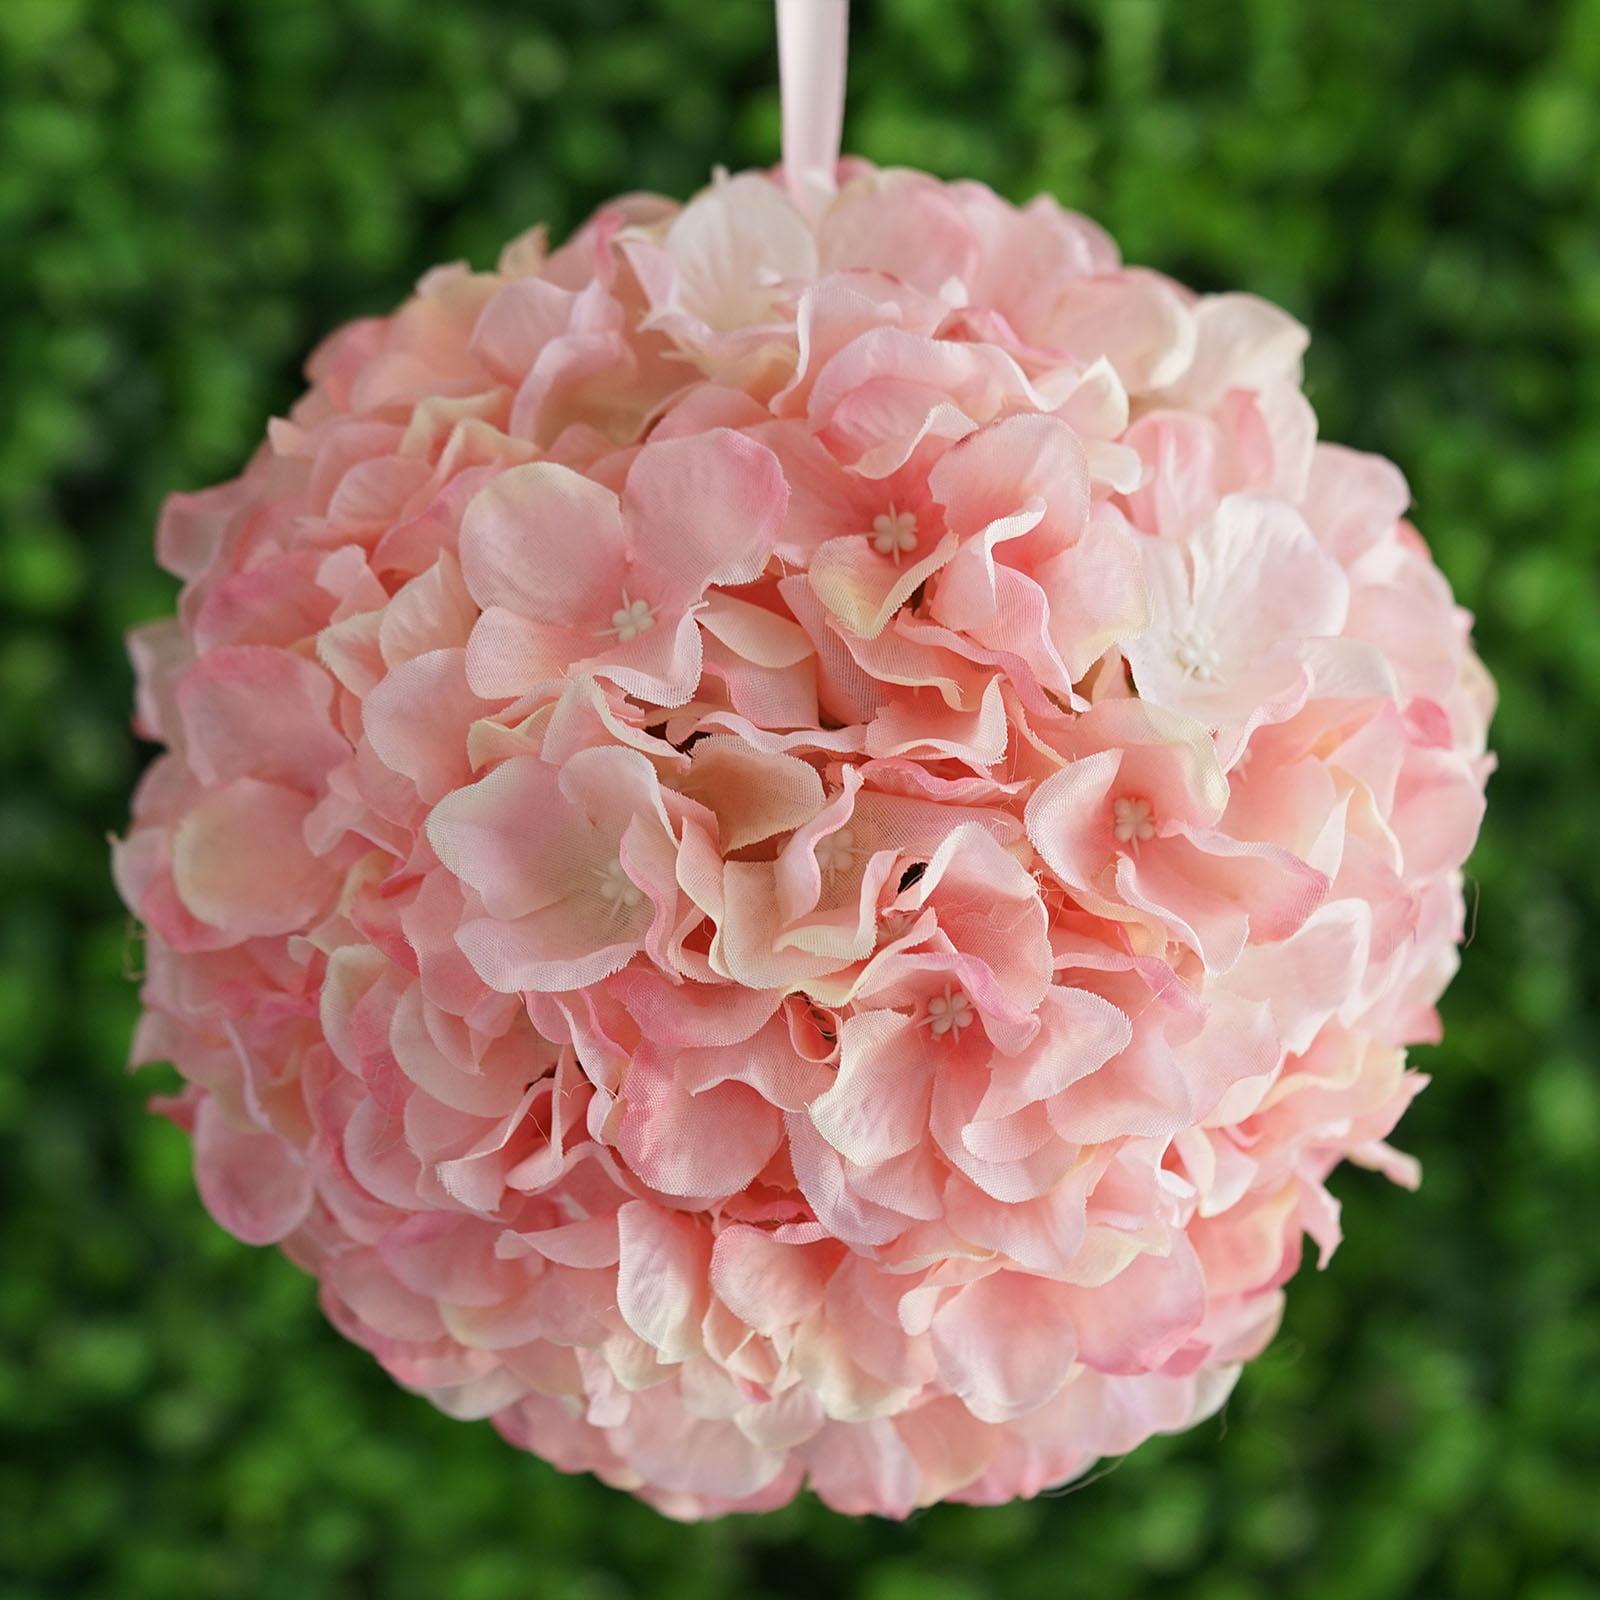 BalsaCircle 4 pcs 7-Inch Hydrangea Kissing Flower Balls - Artificial ...